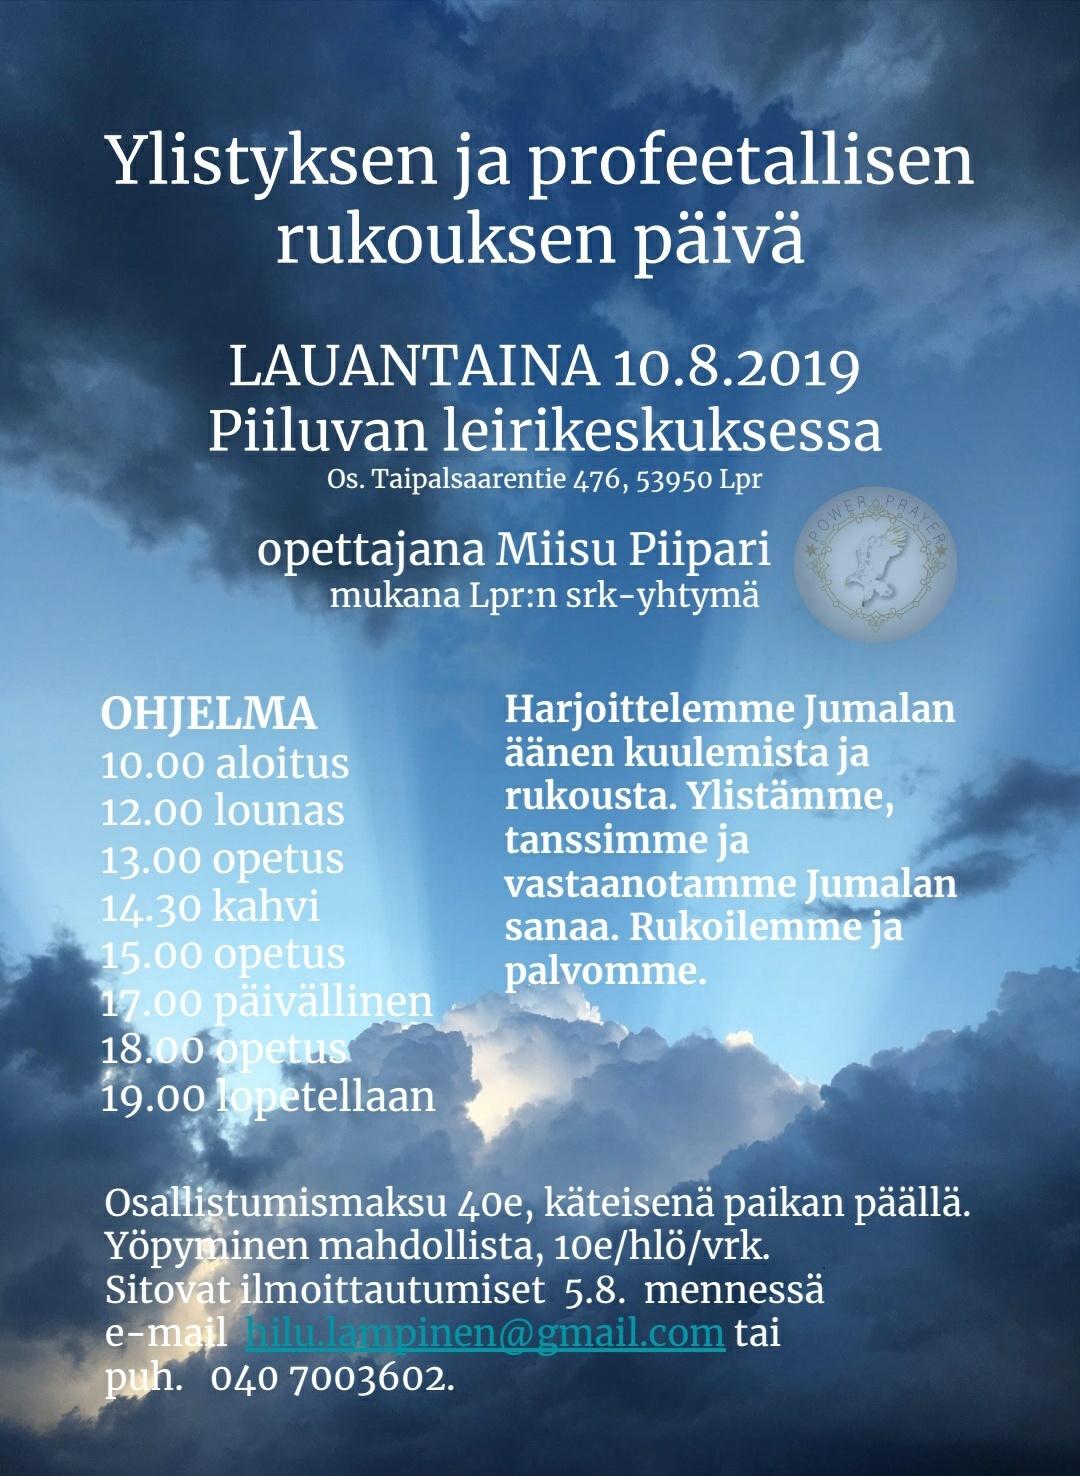 Ylistyksen ja profeetallisen rukouksen päivä 10.8.2019